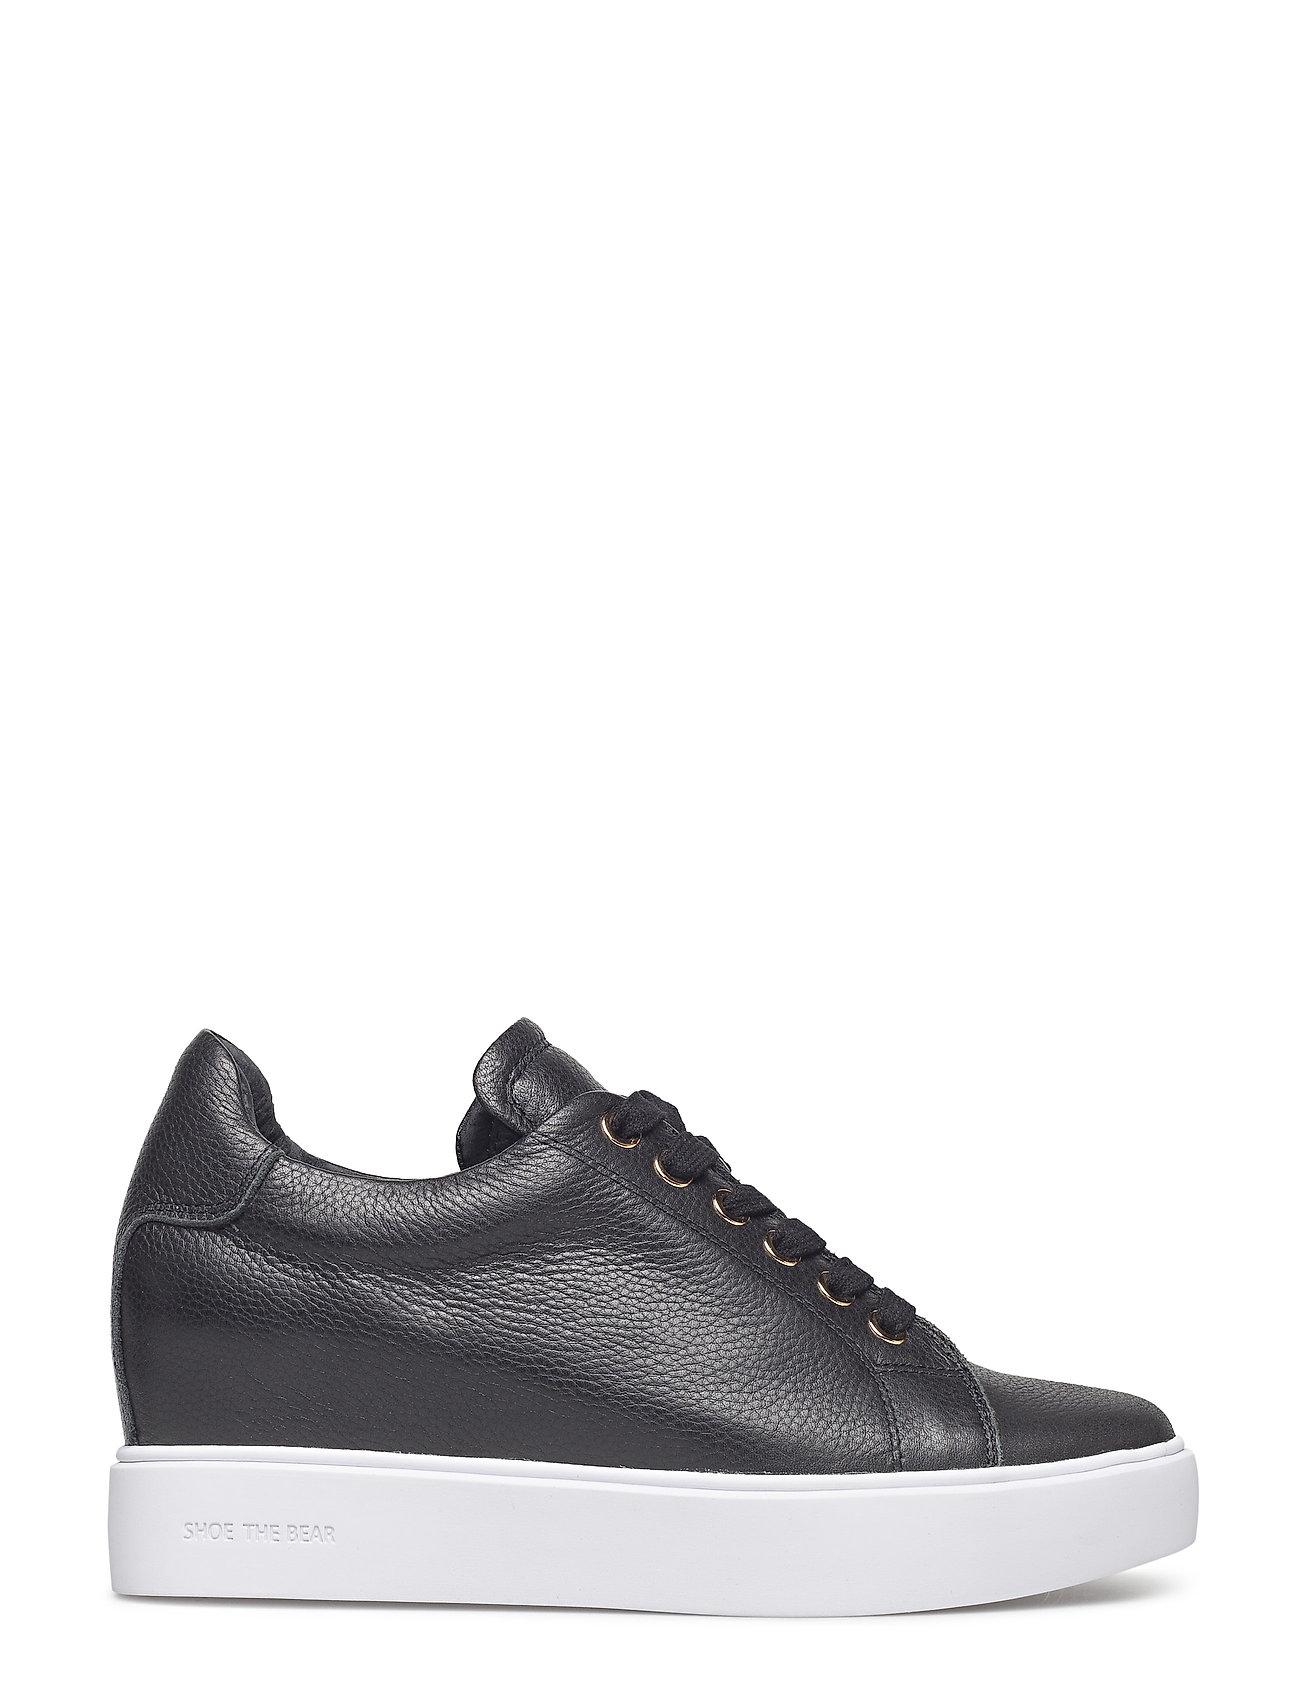 Image of Ava Grain Low-top Sneakers Sort Shoe The Bear (3536361459)